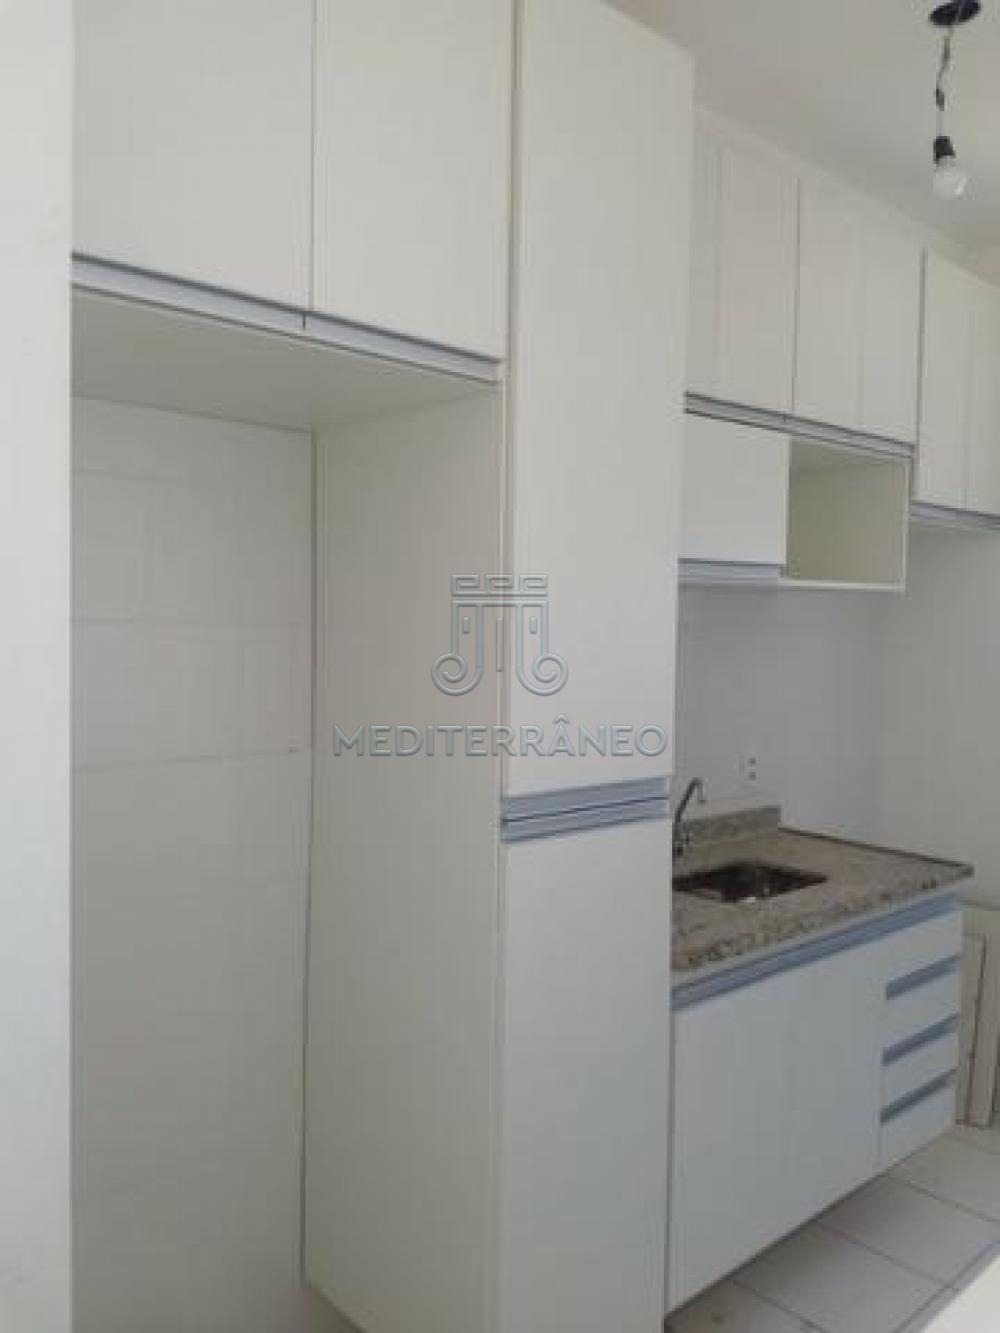 Alugar Apartamento / Padrão em Jundiaí apenas R$ 1.550,00 - Foto 7